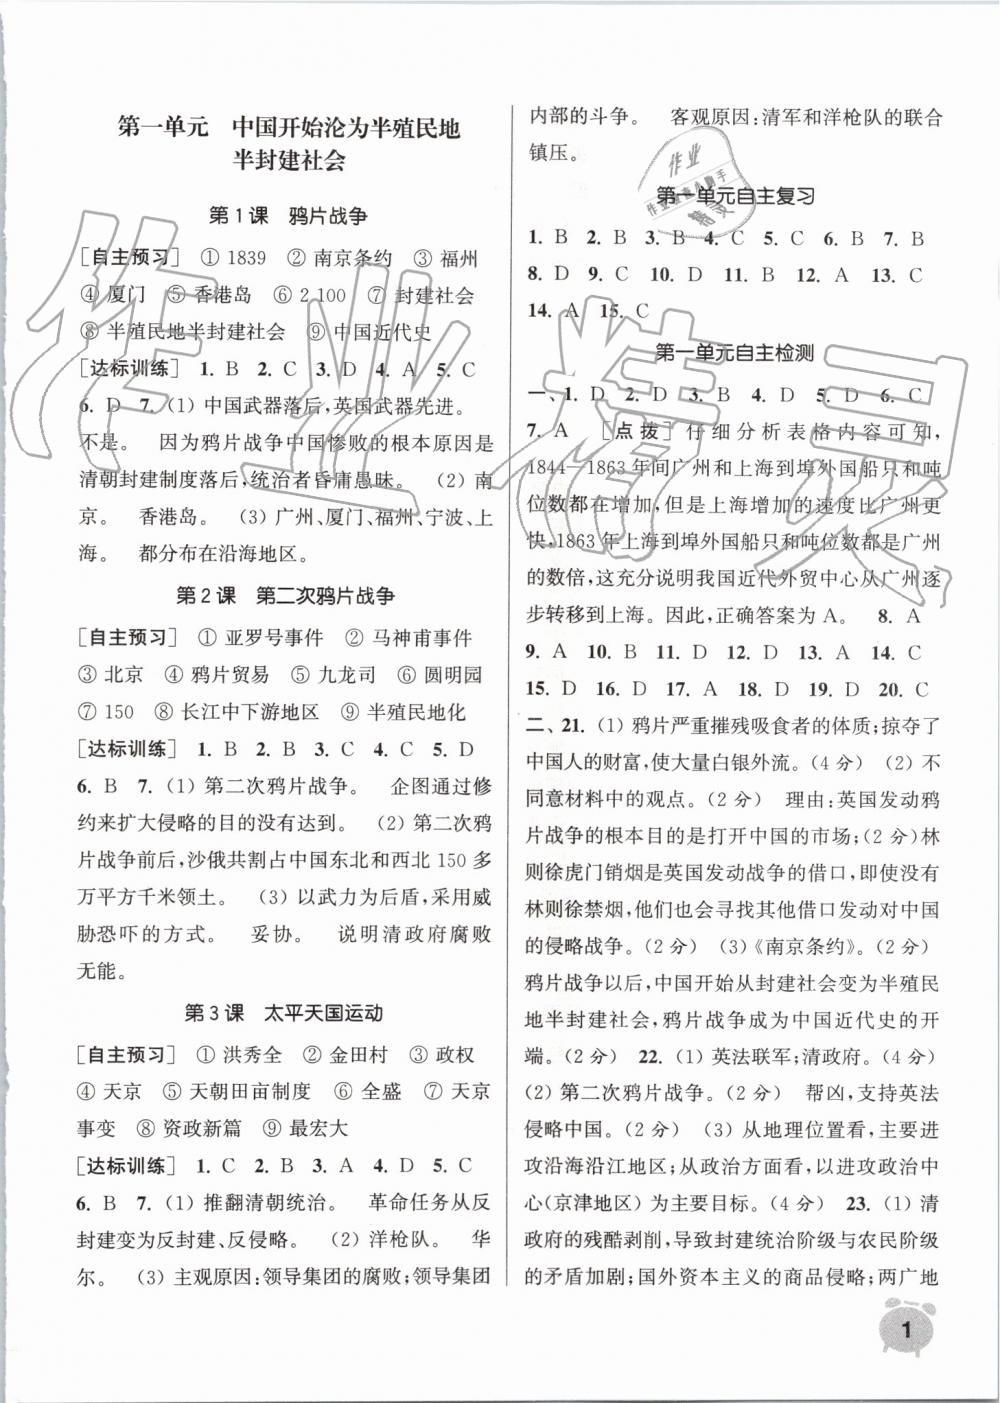 2019年通城学典课时作业本八年级历史上册人教版第1页